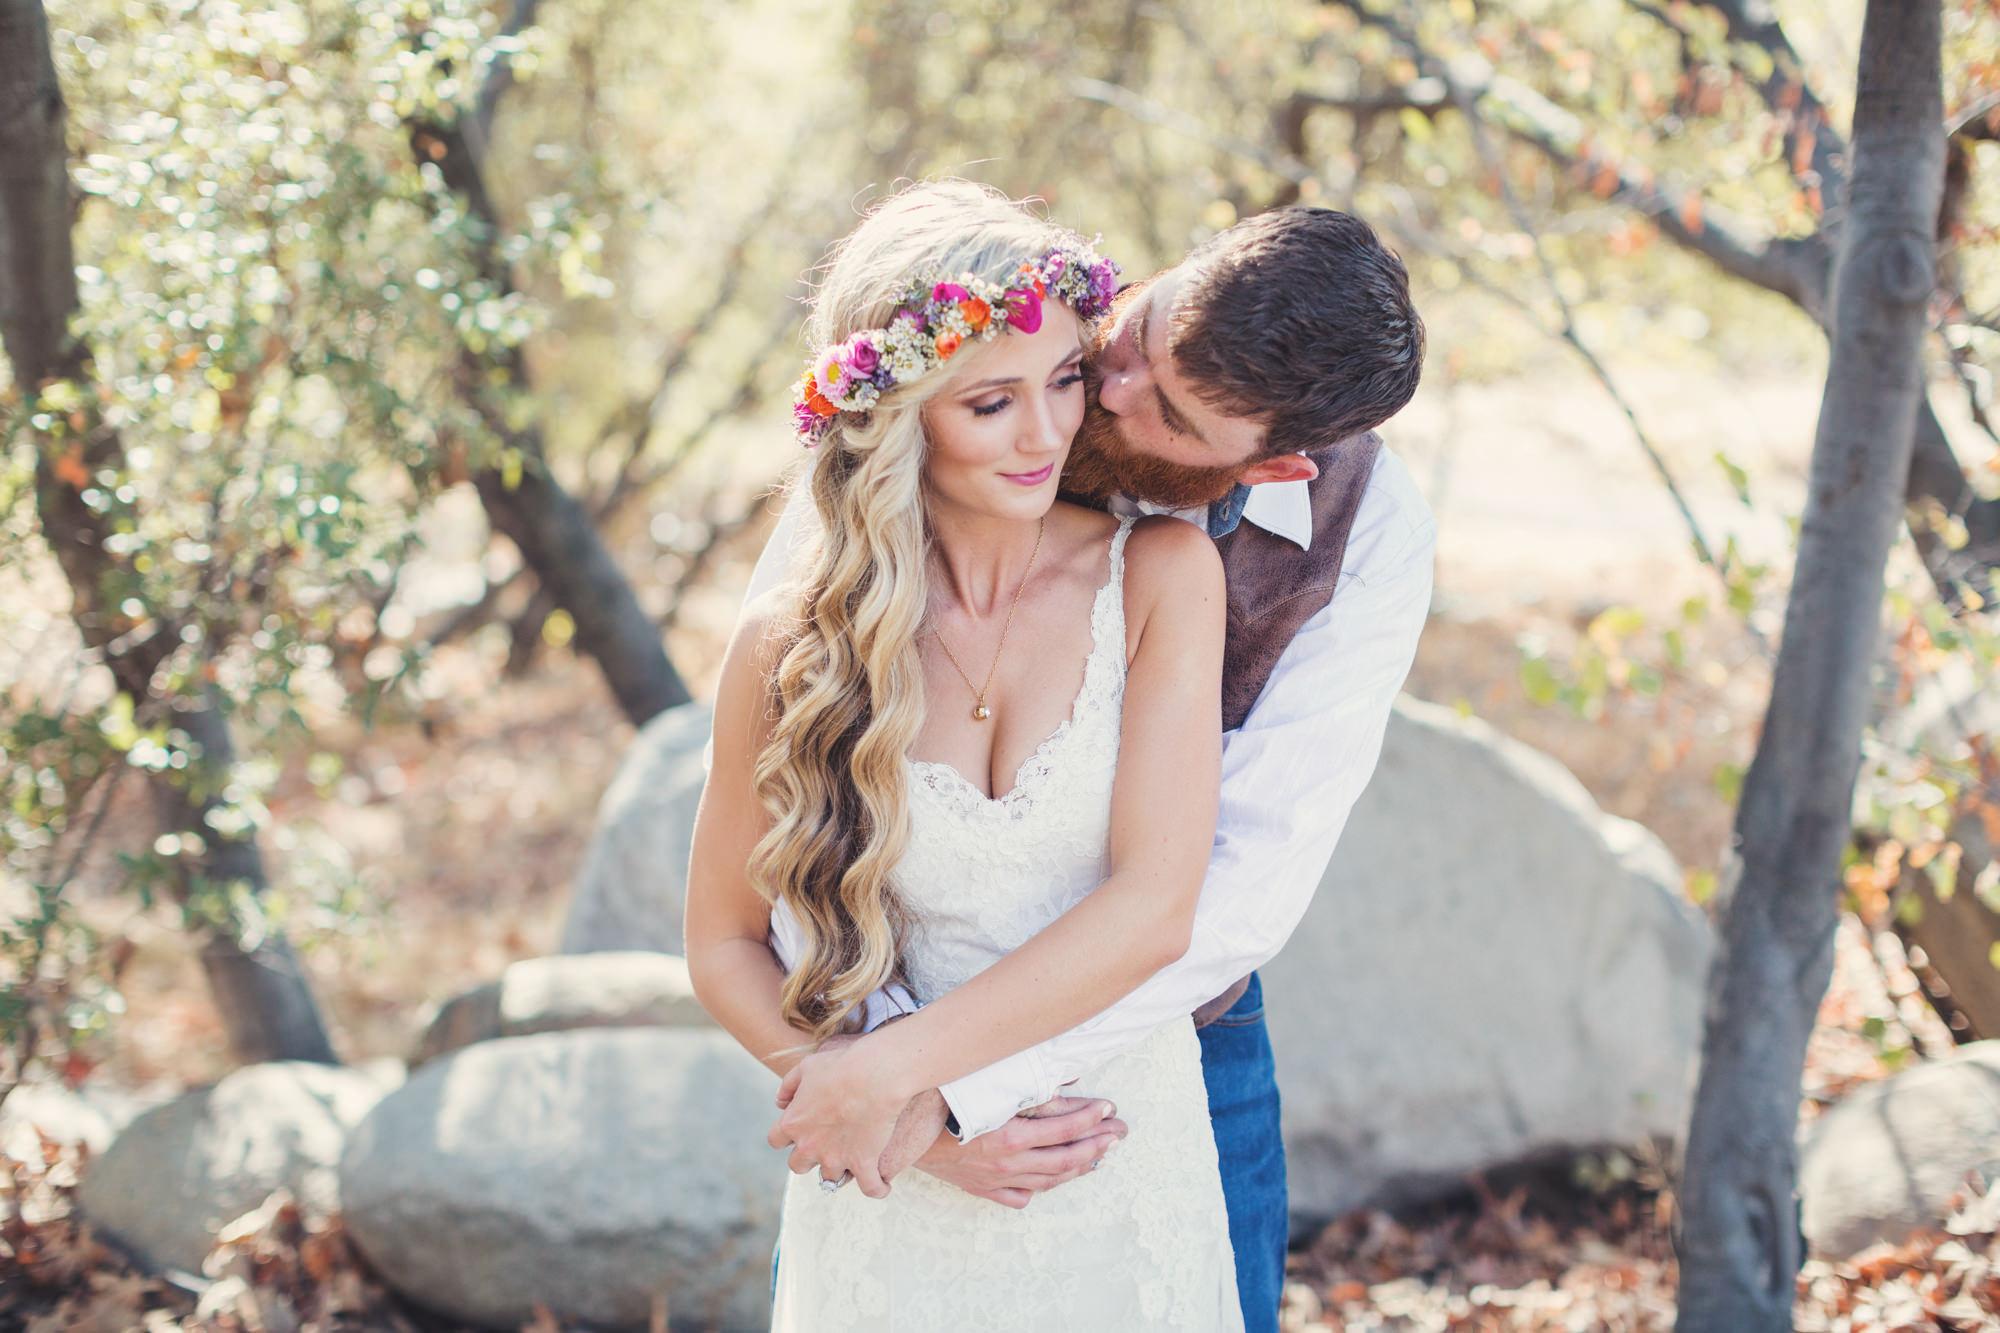 Rustic wedding in California ©Anne-Claire Brun 49